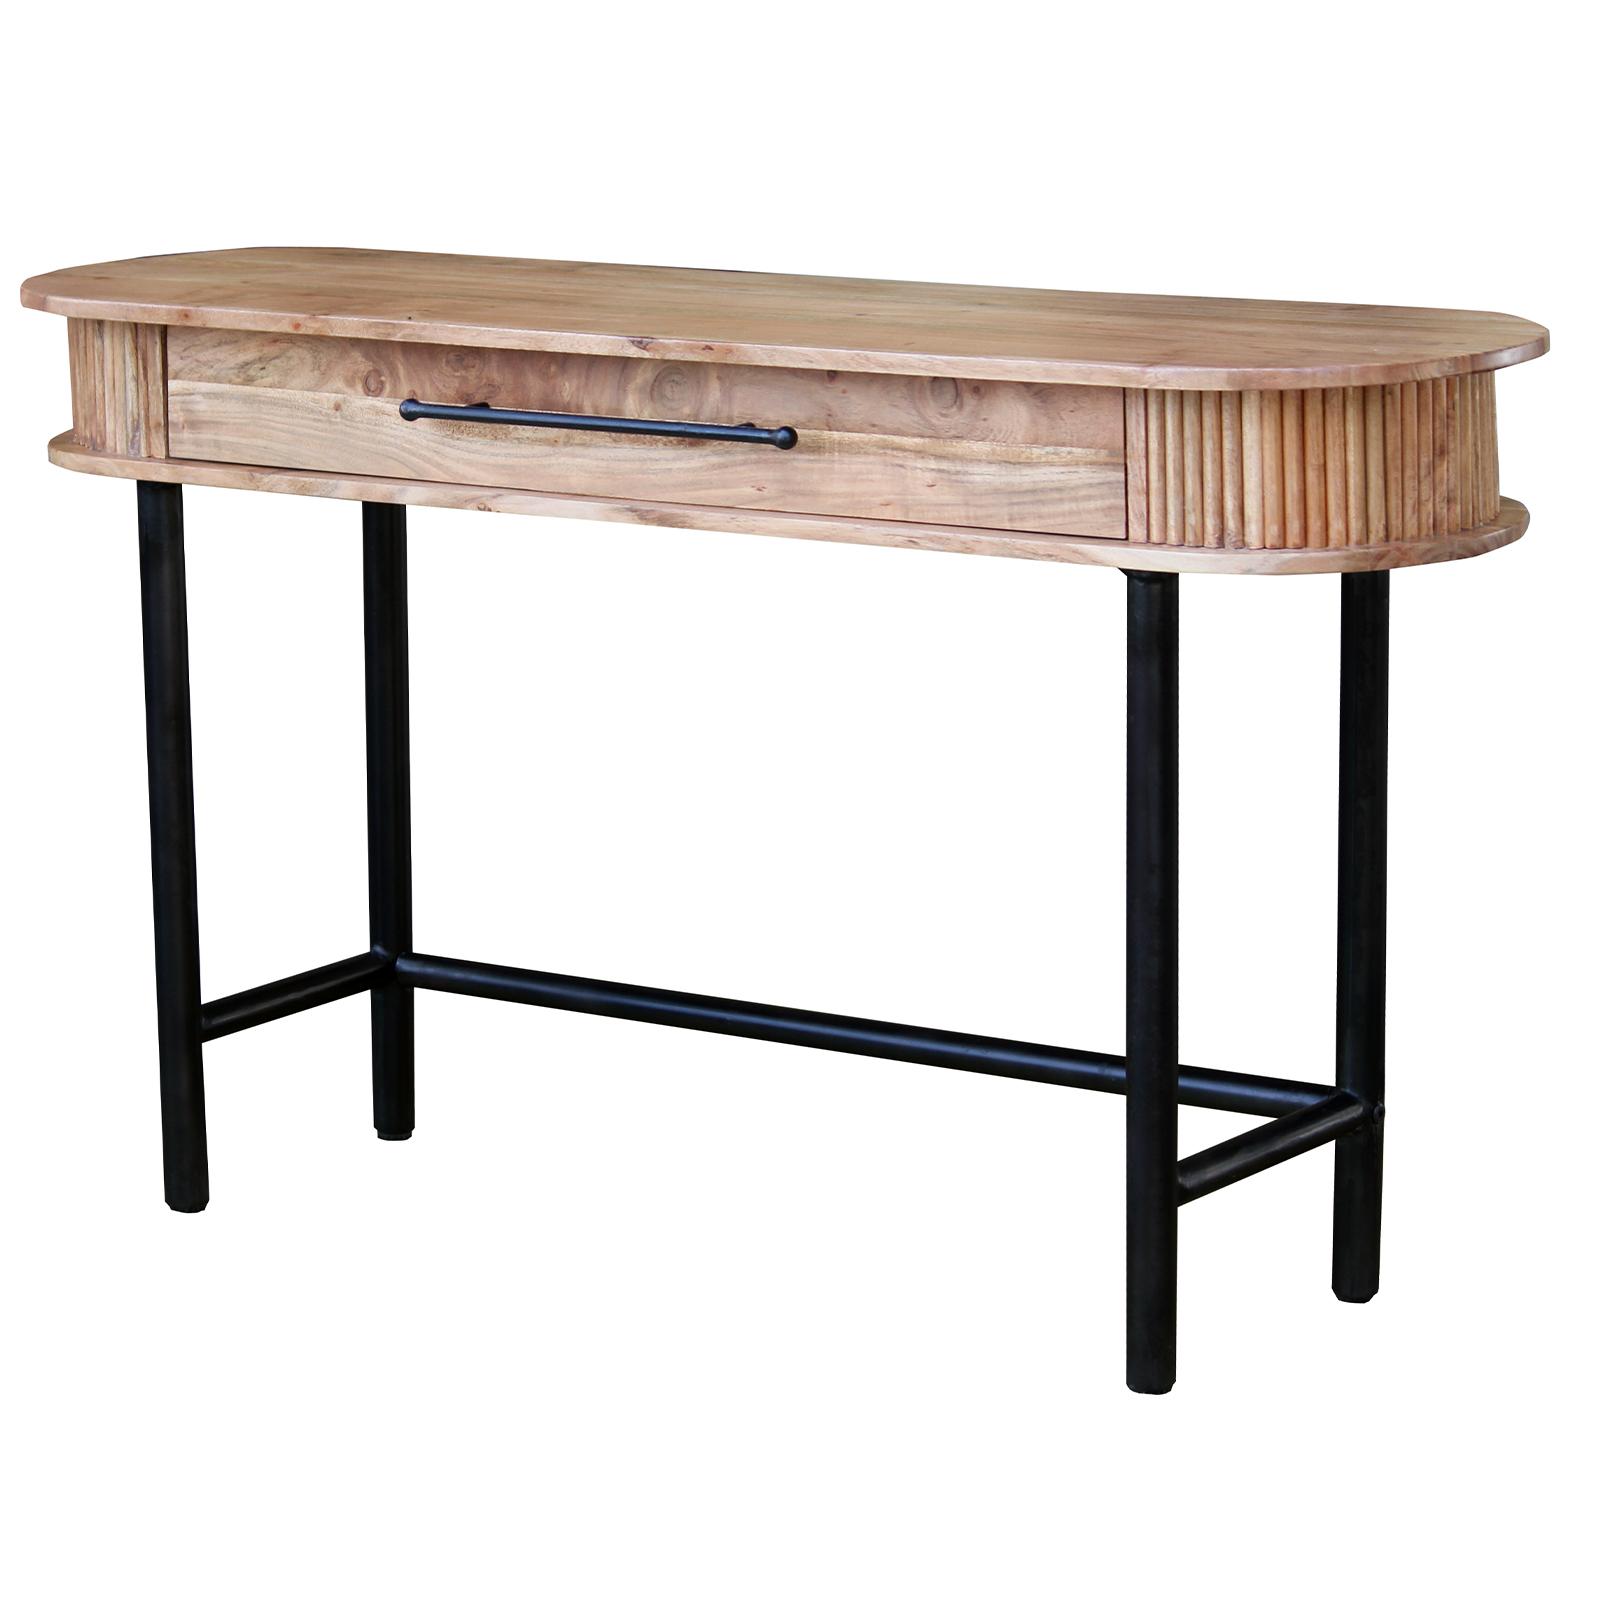 Konsolentisch Runda aus Akazie Massivholz - 140 cm breit